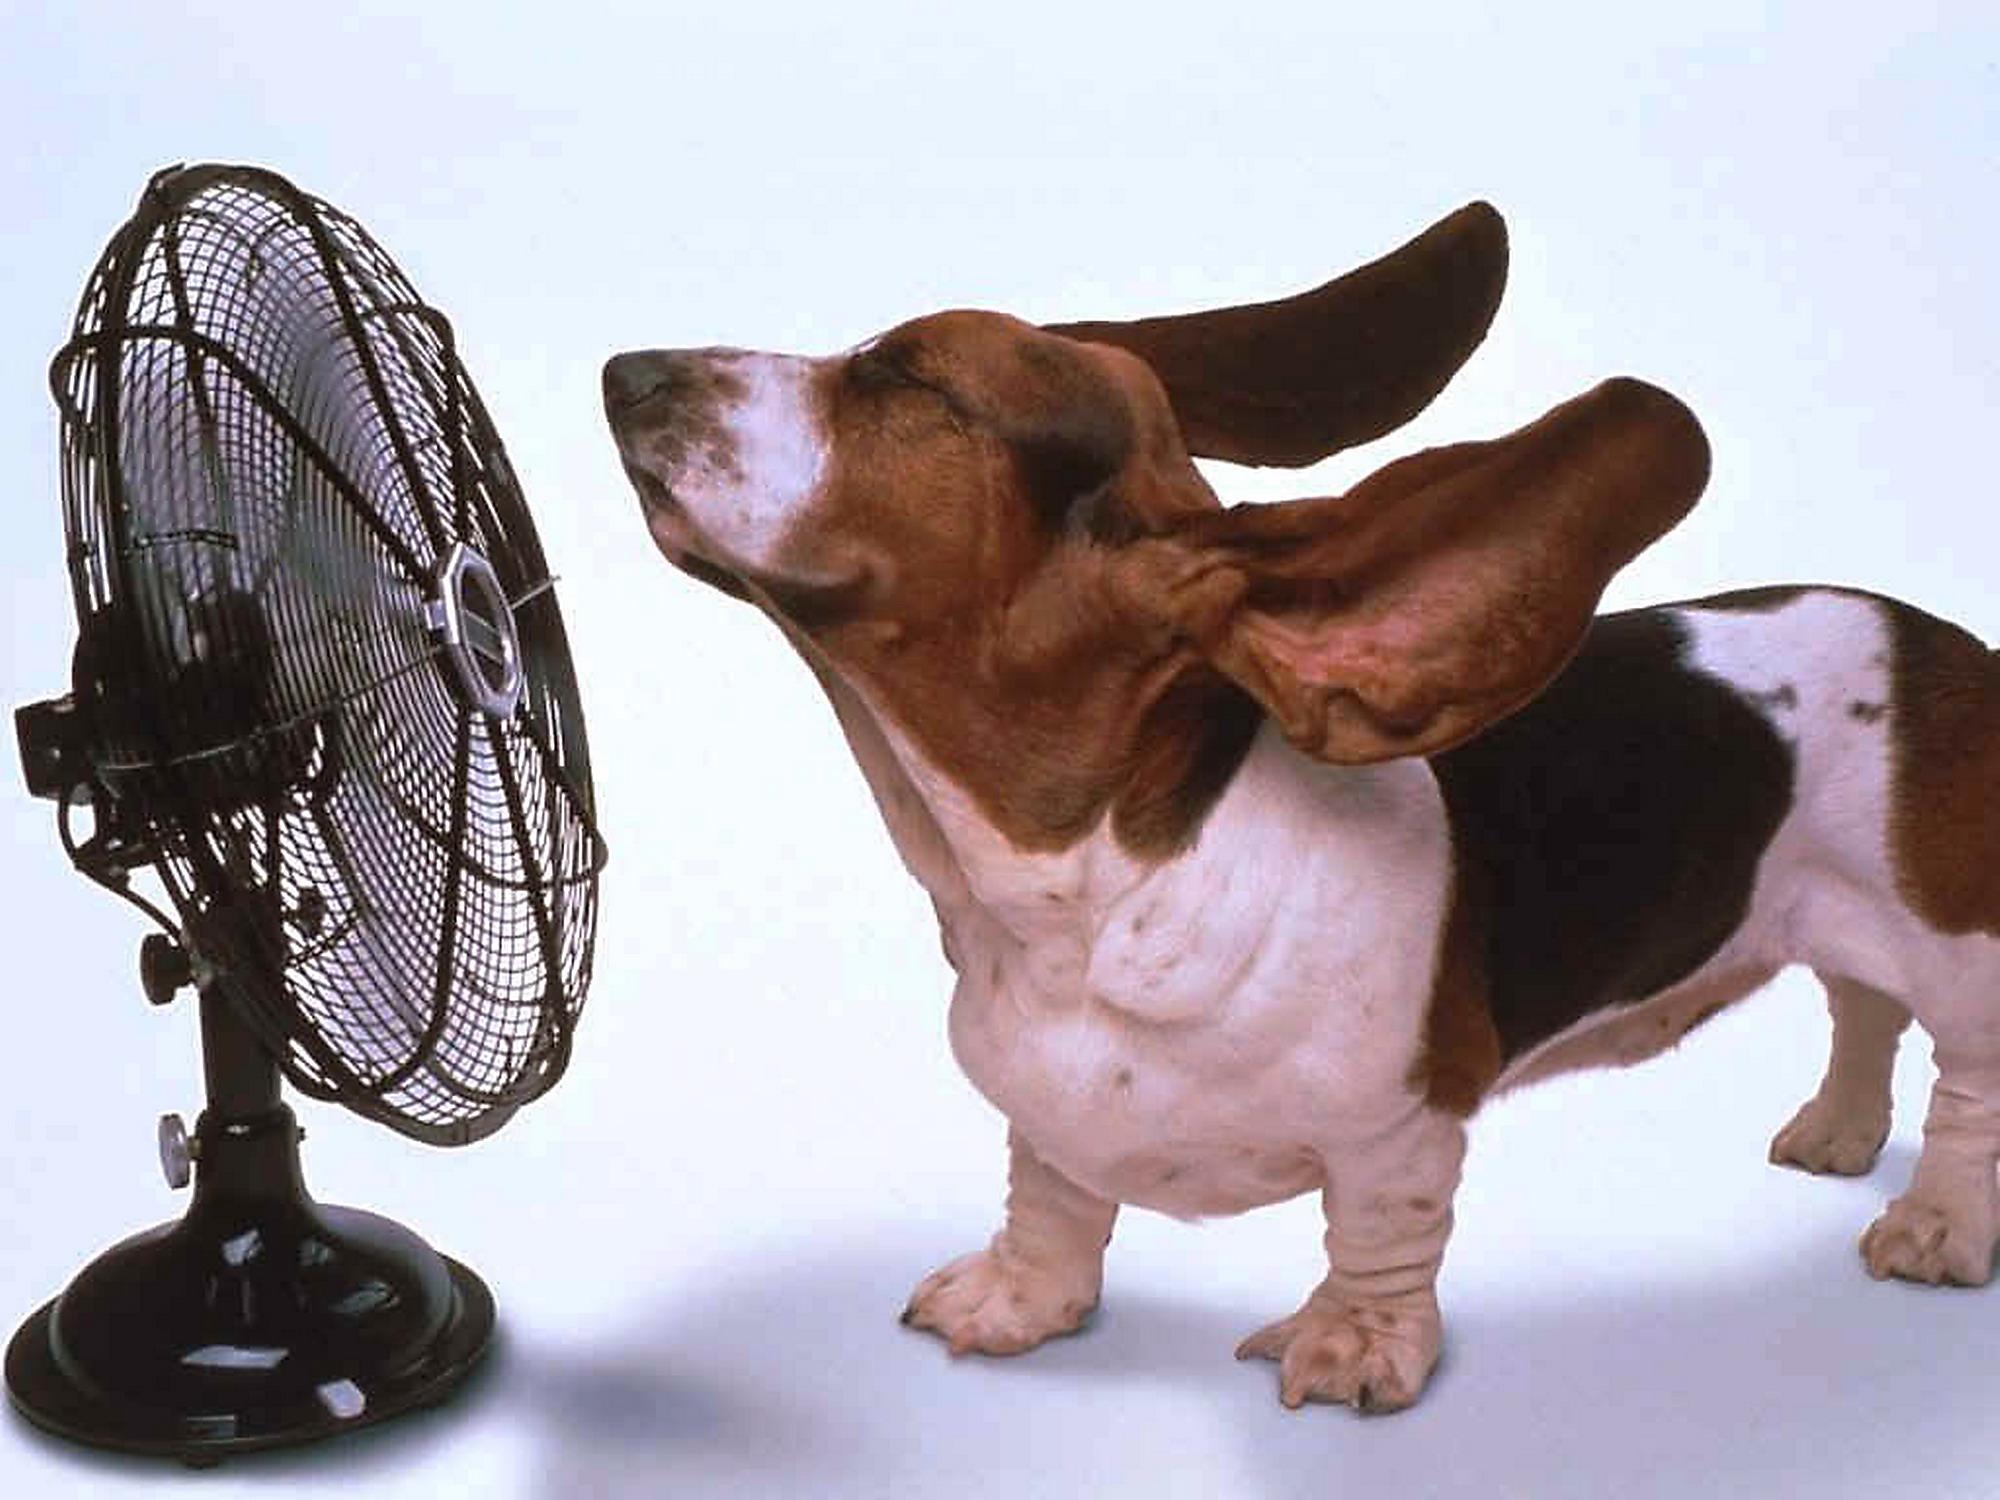 Rinfrescare Casa Fai Da Te rinfrescare la casa senza climatizzatori evitando bollette